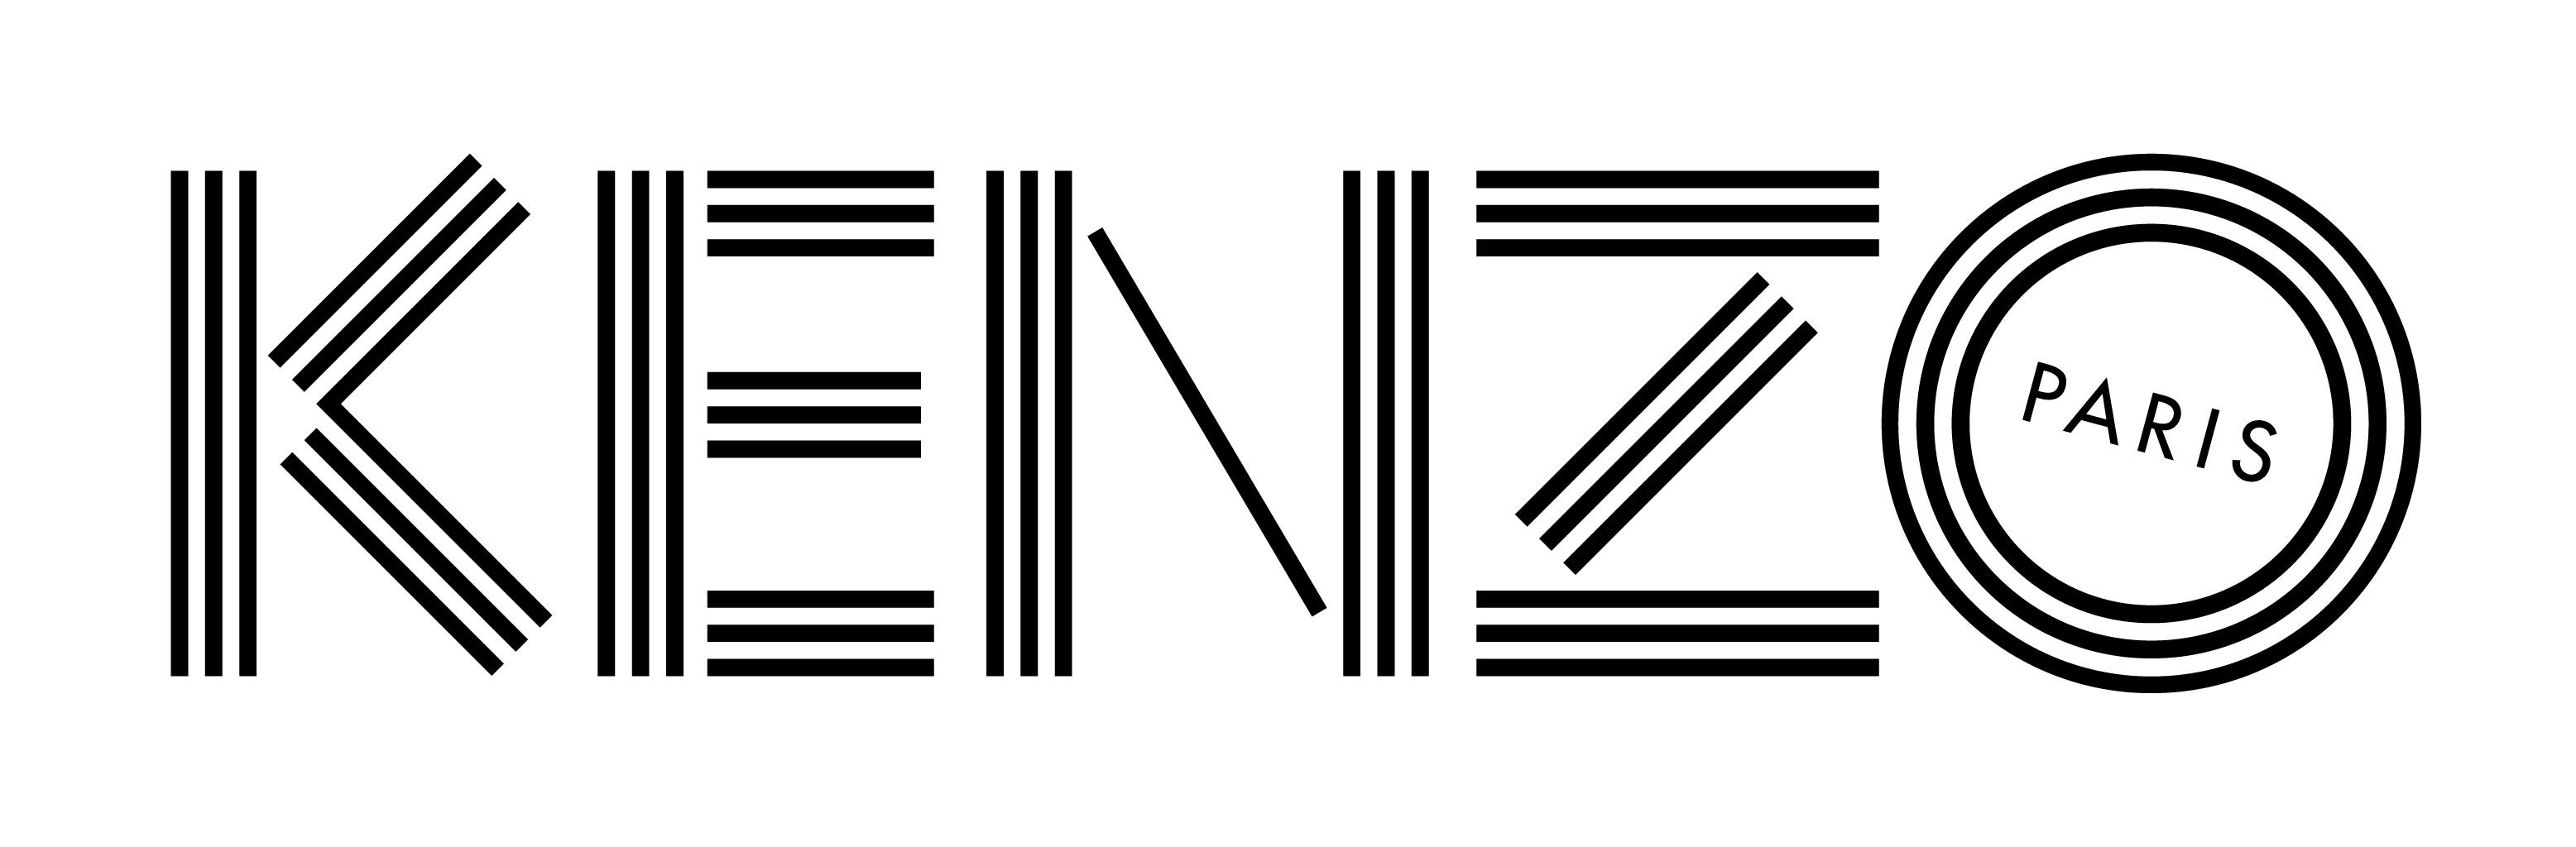 Kenzo International Finance Centre Hong Kong